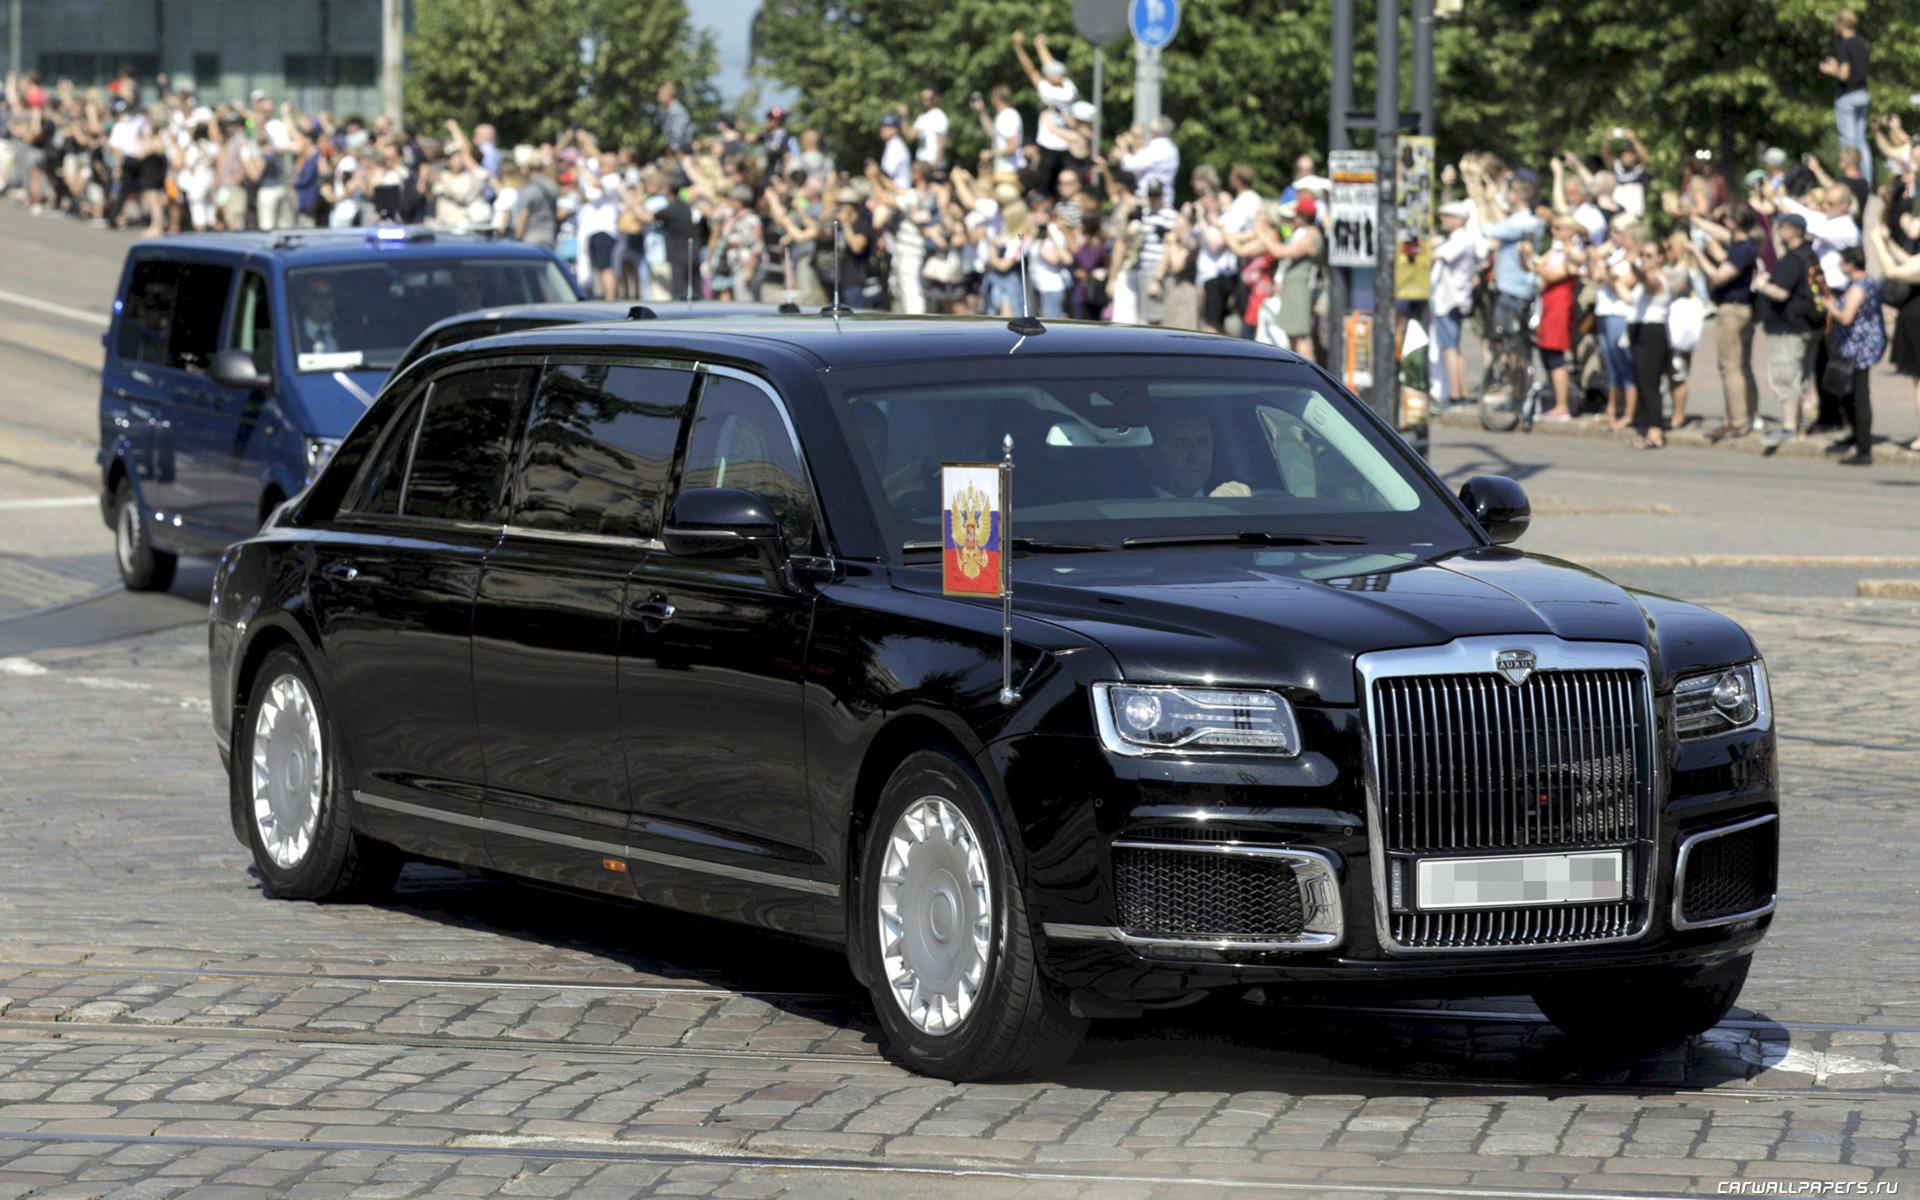 Машины Путина: на чем ездит президент России